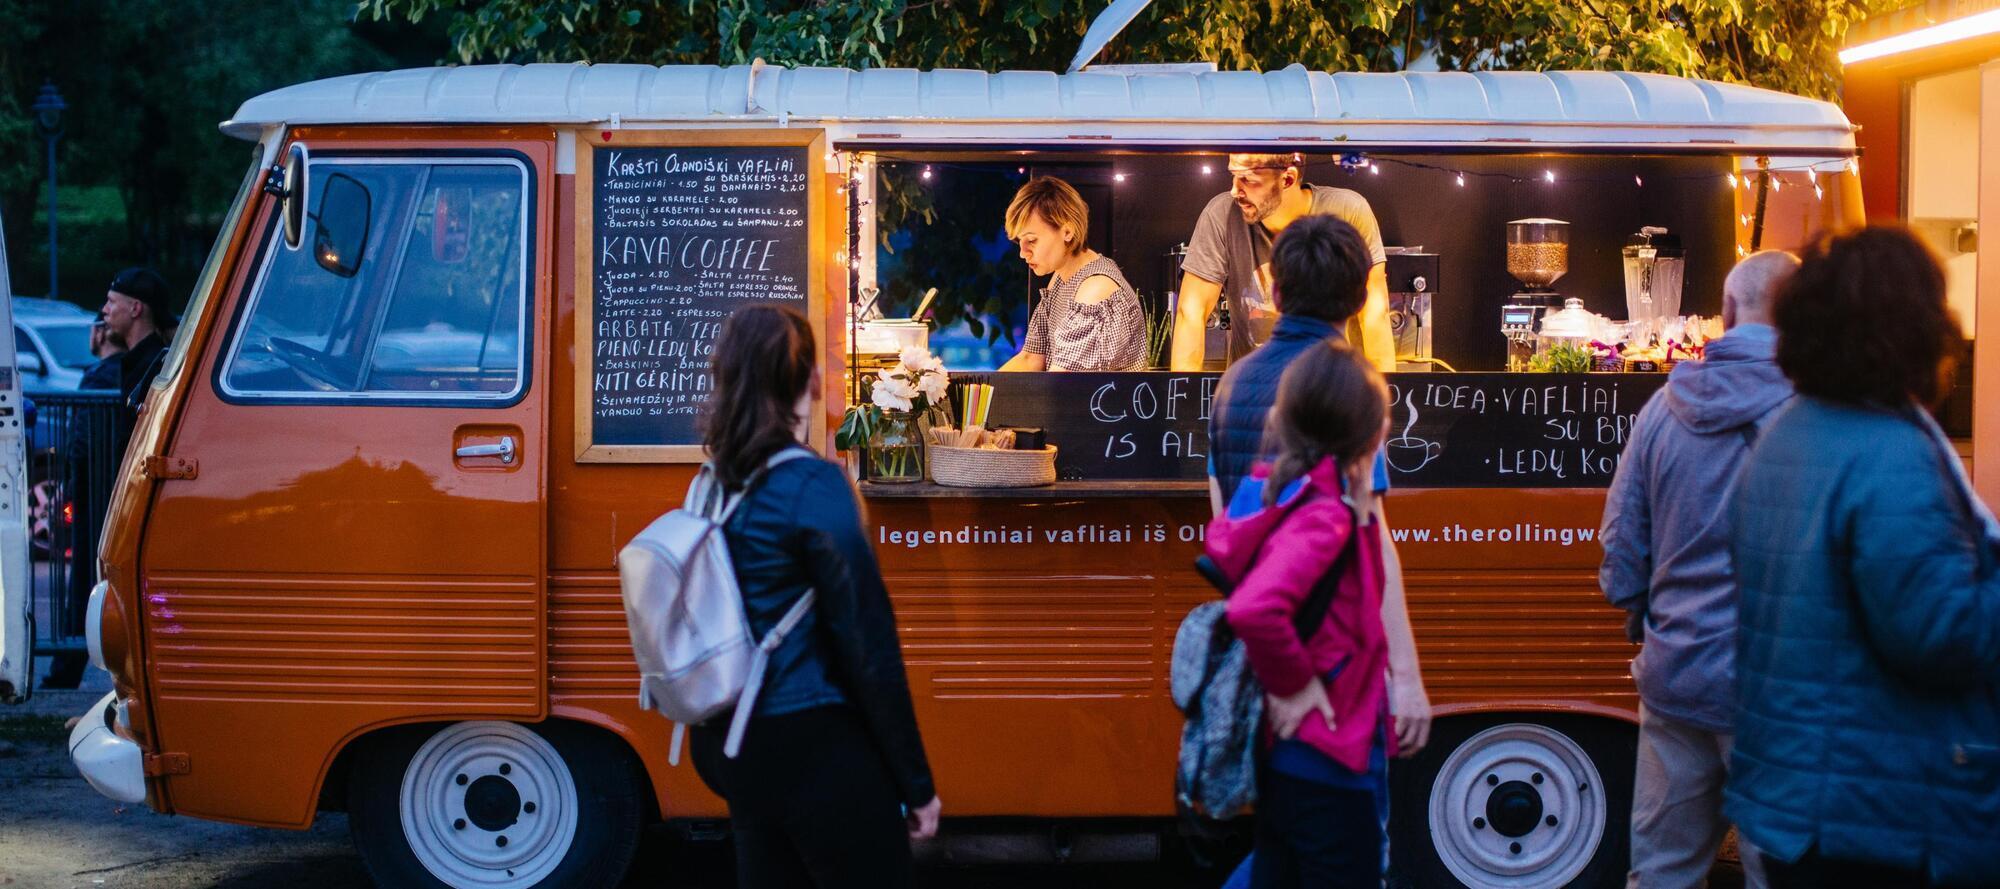 Альтернатива all inclusive для активный туристов – это самостоятельно приготовленная пища, уличная еда или питание в кафе и ресторанах